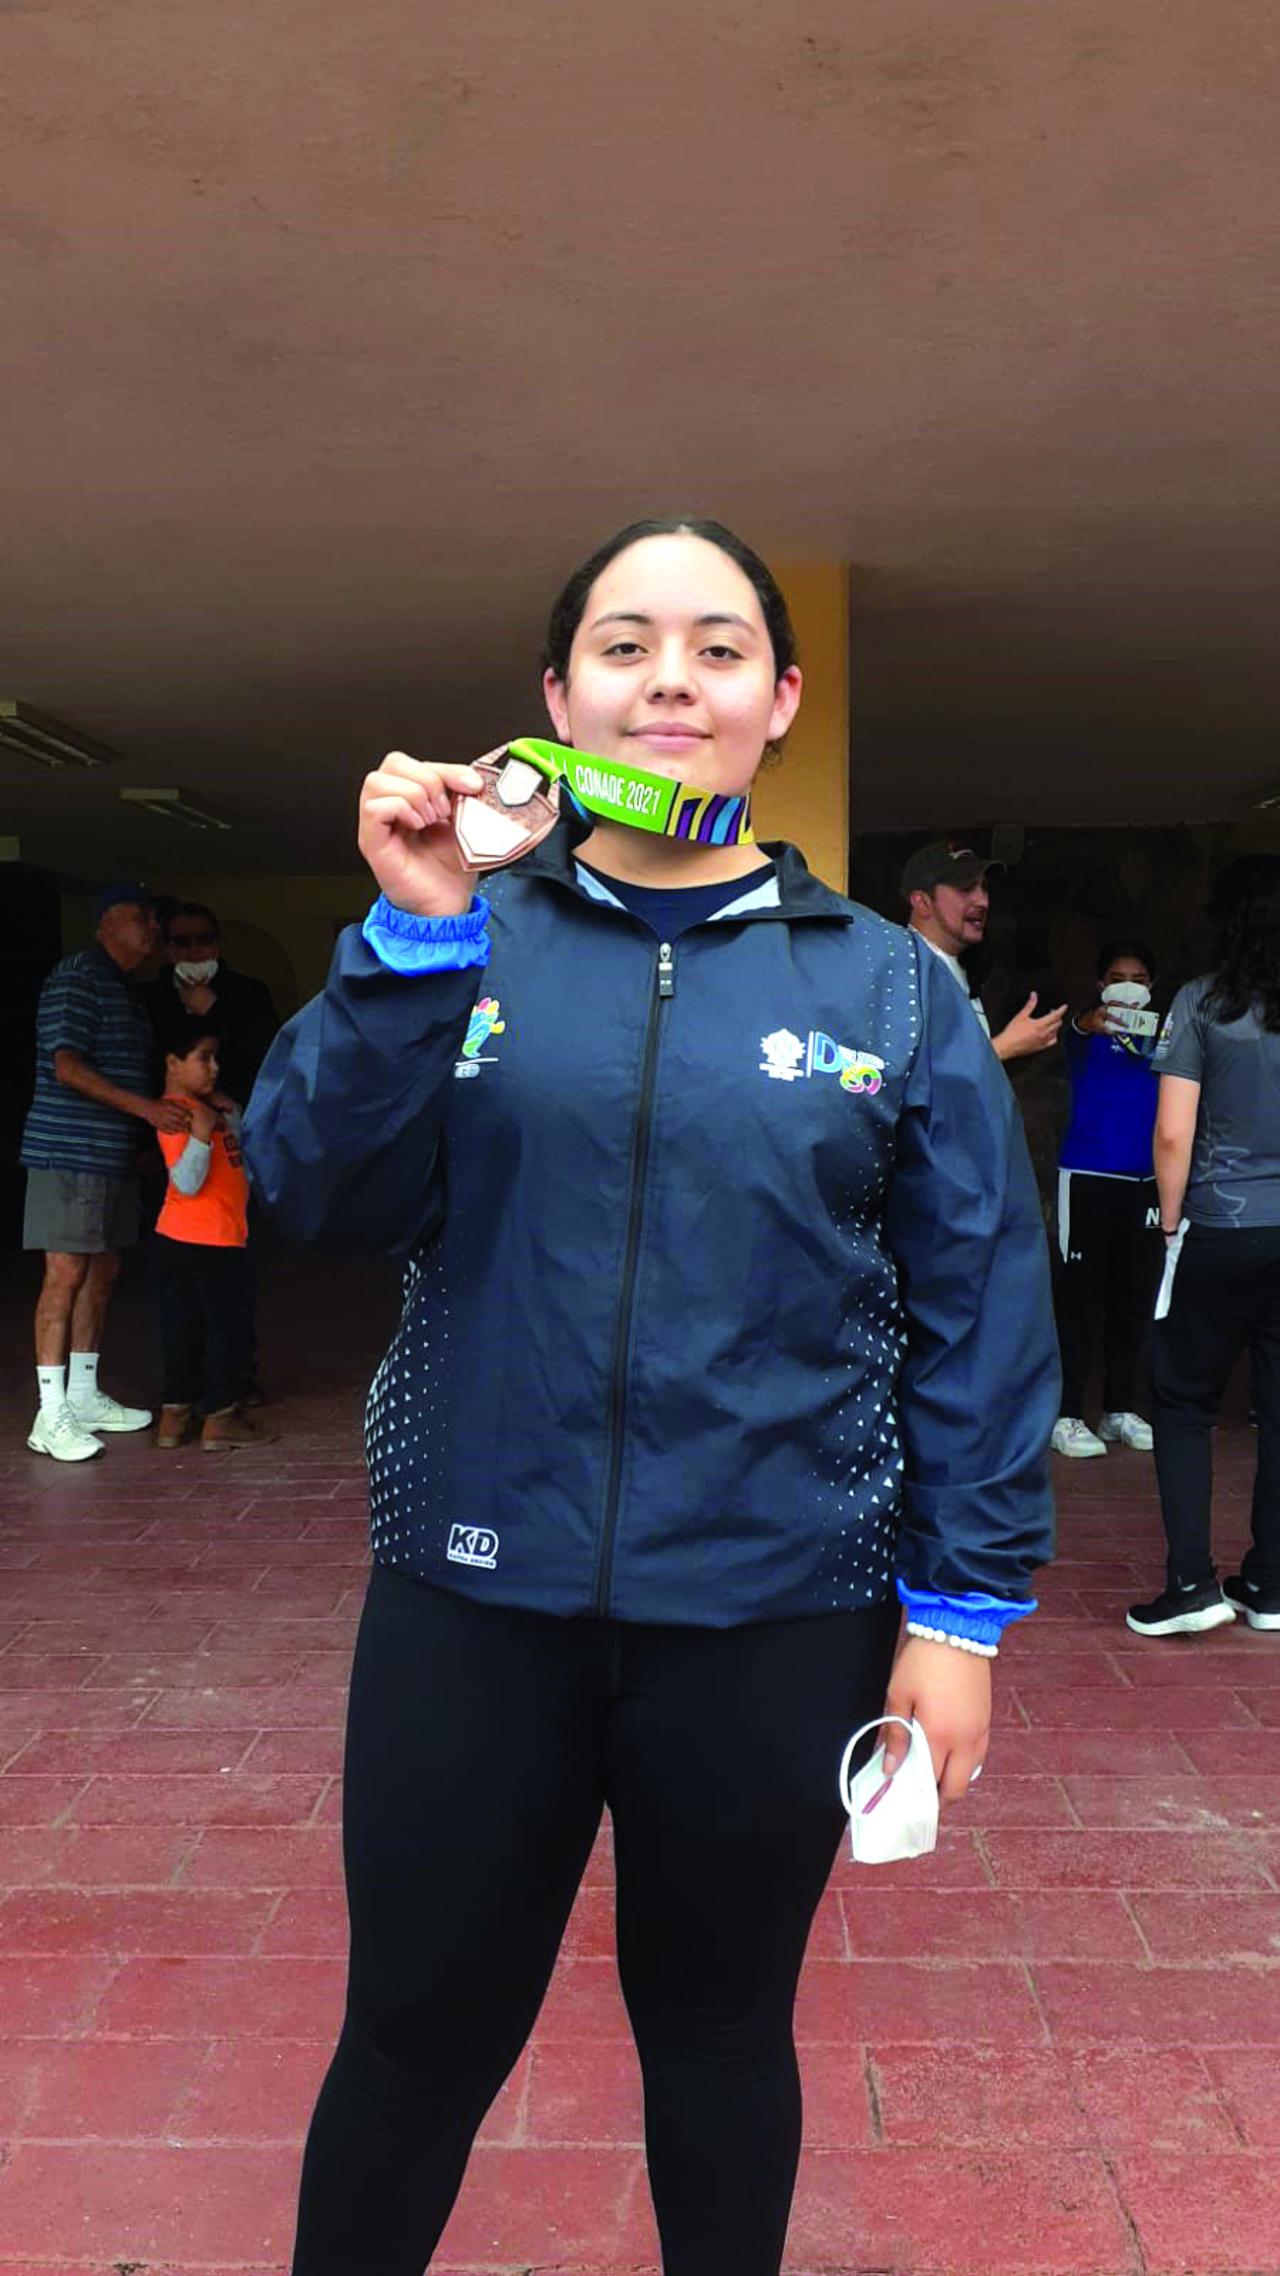 Mari José consigue bronce en tiro deportivo de los JN